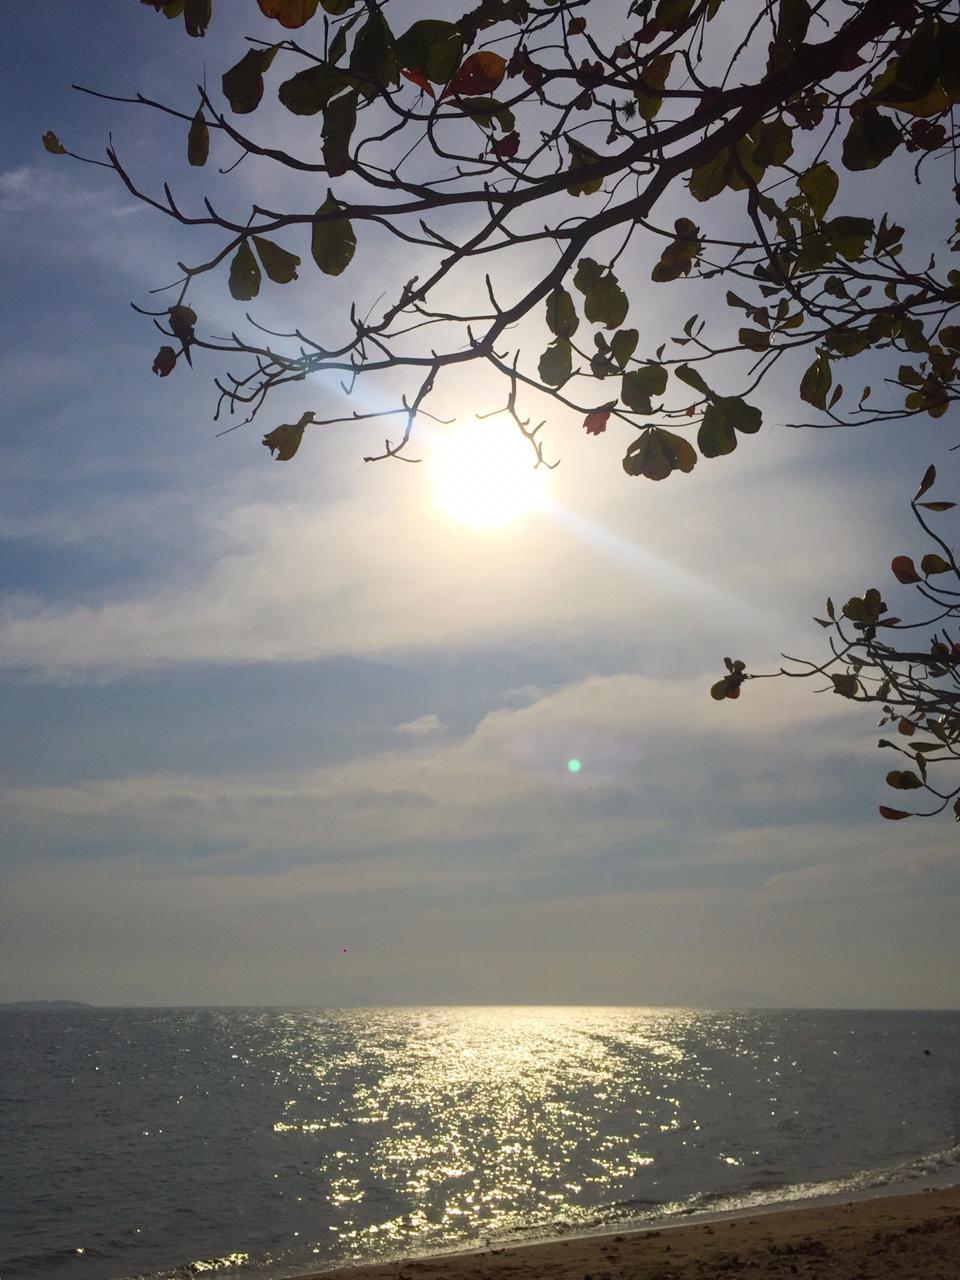 Domingo tem previsão de sol entre nuvens e temperaturas elevadas em SC - Notícias - Plantão Diário